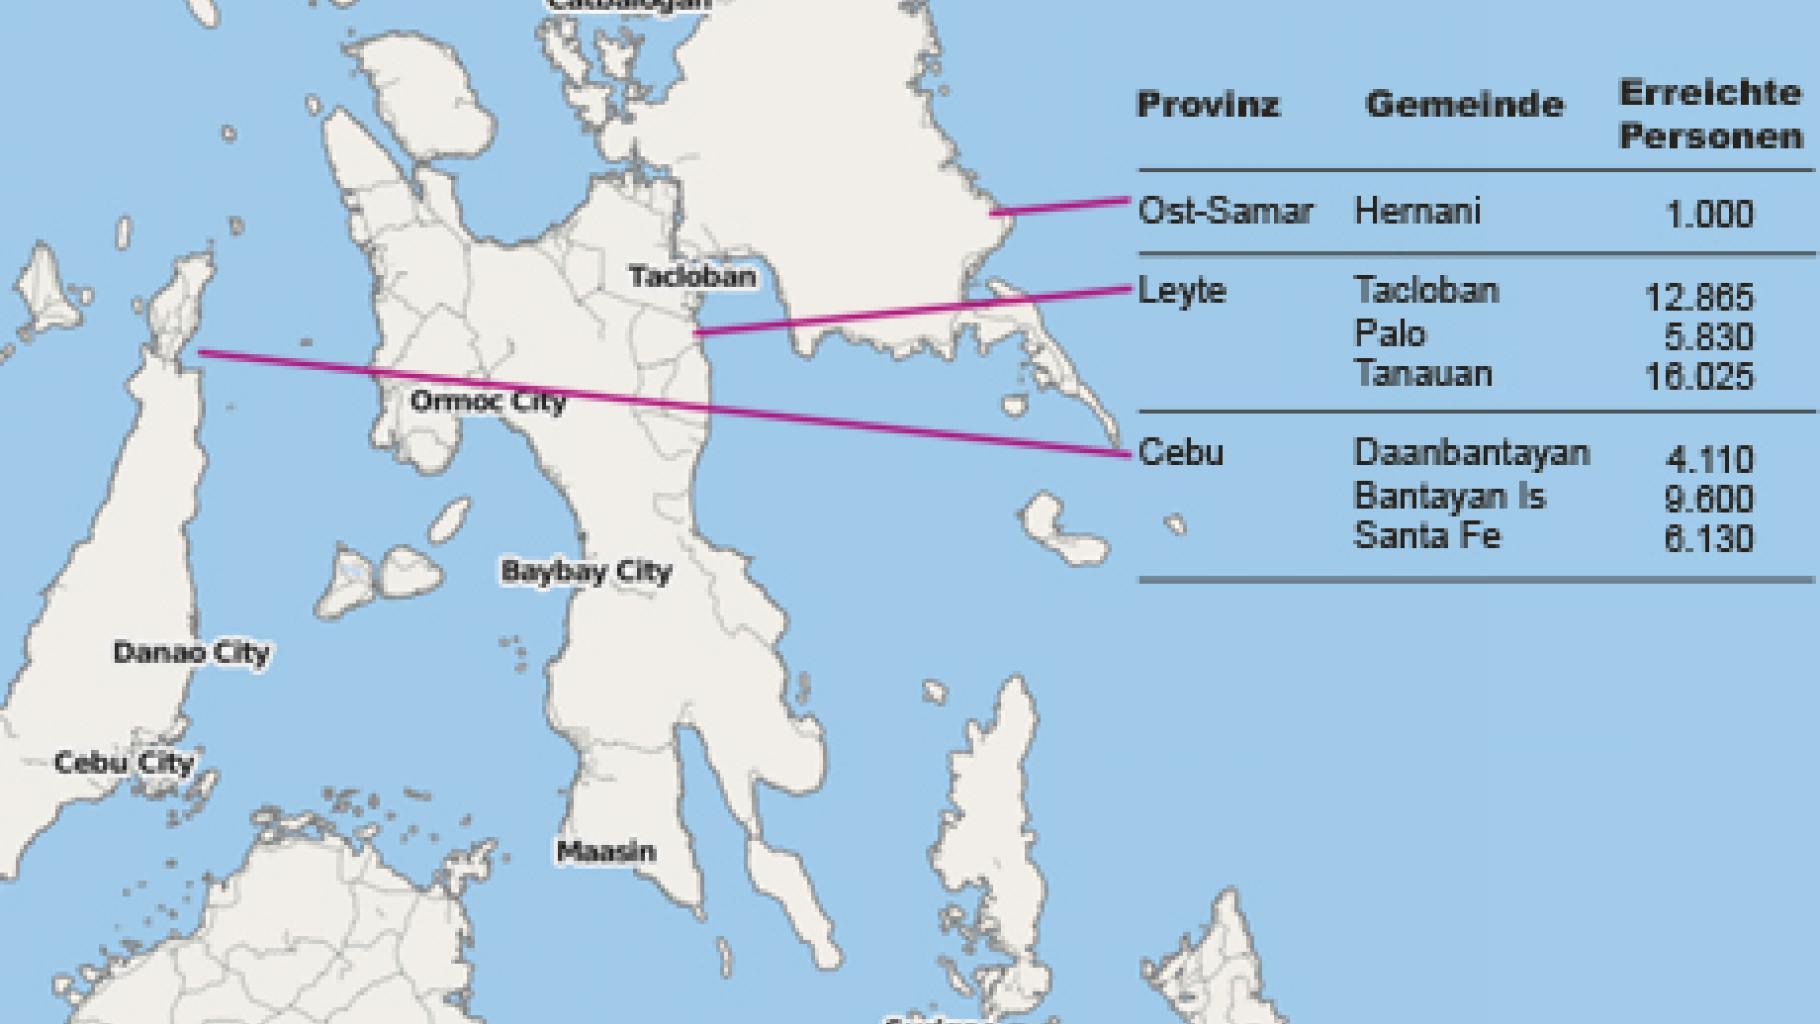 Grafik: Nothilfe erreicht mehr Menschen auf den Philippinen